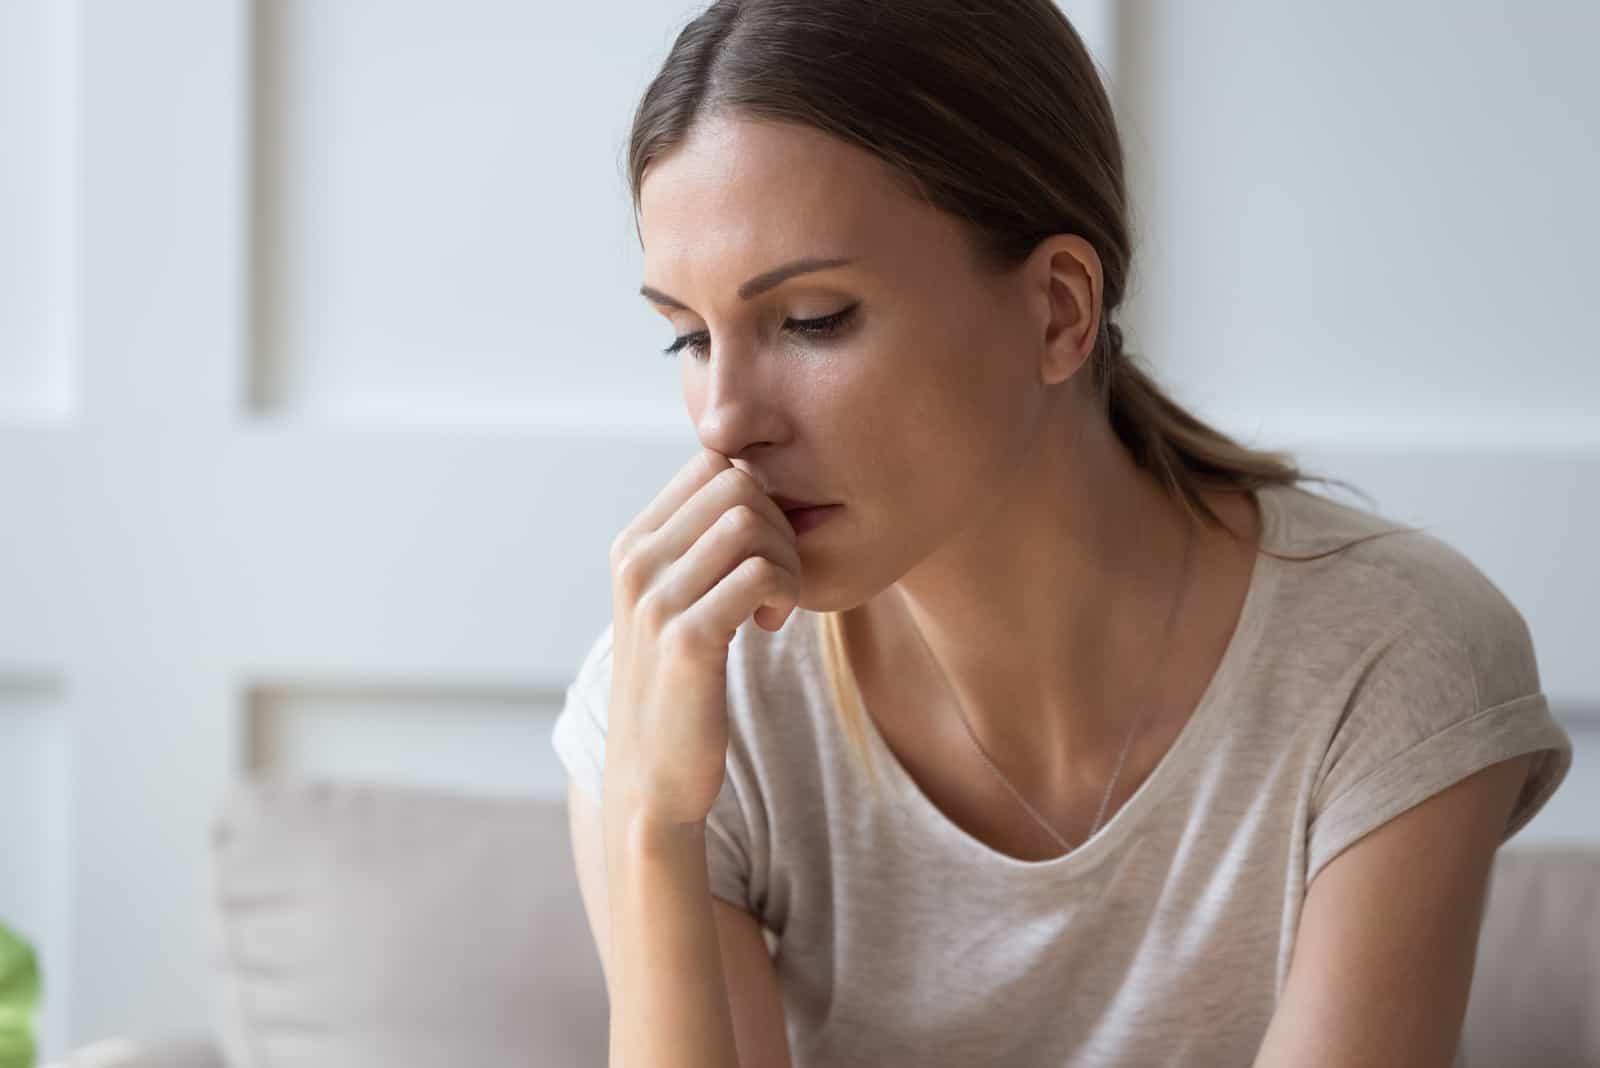 Frau sitzt alleine und denkt über persönliche Probleme in Beziehungen nach